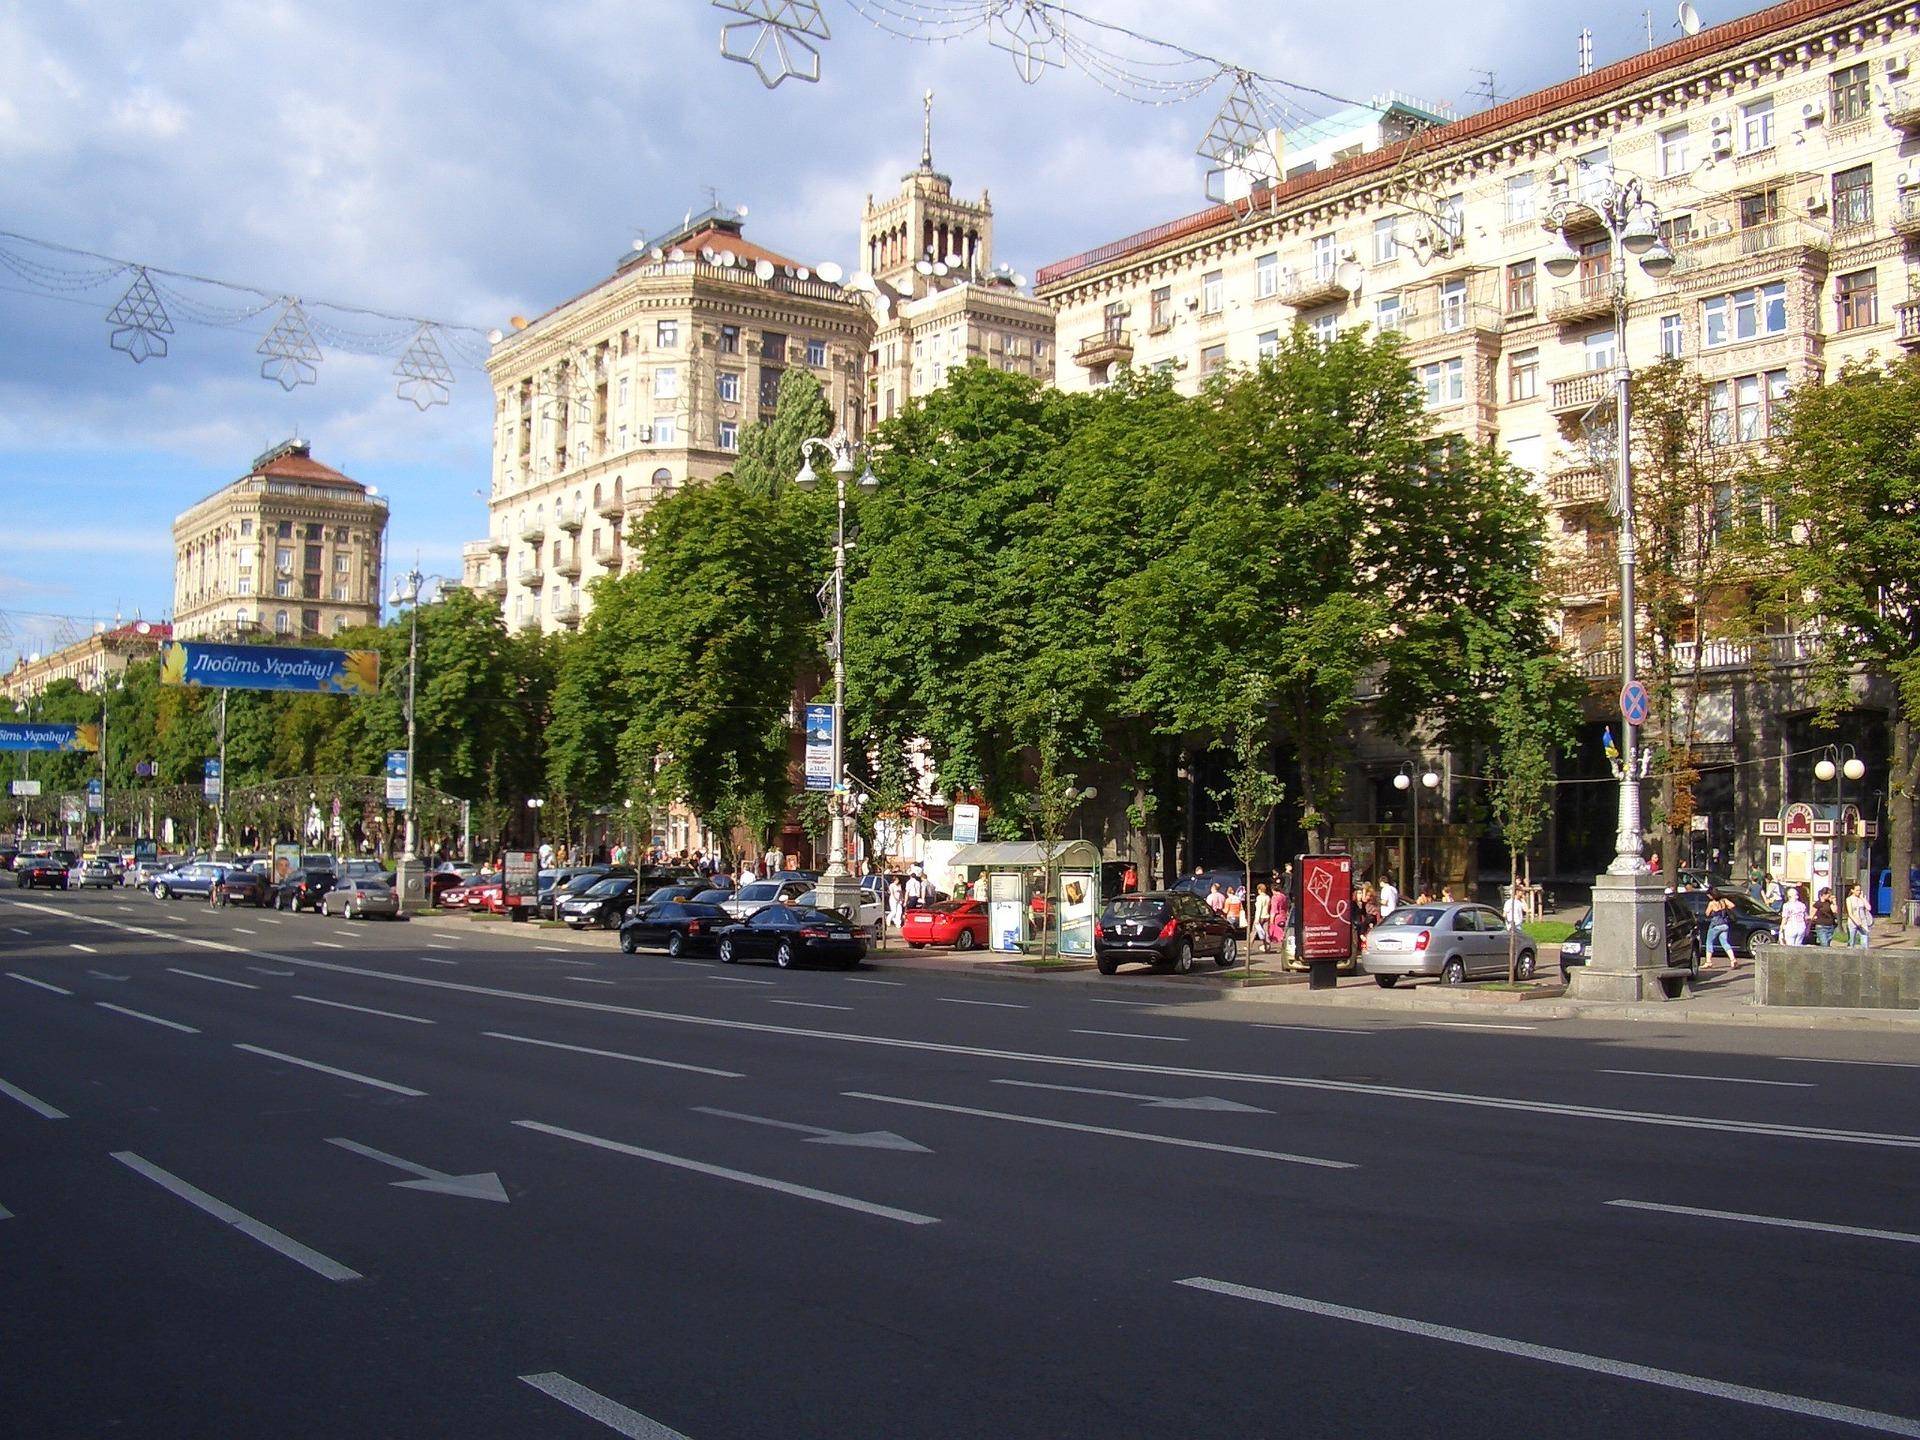 Кияни пропонують урегулювати потік автомобілів у місті